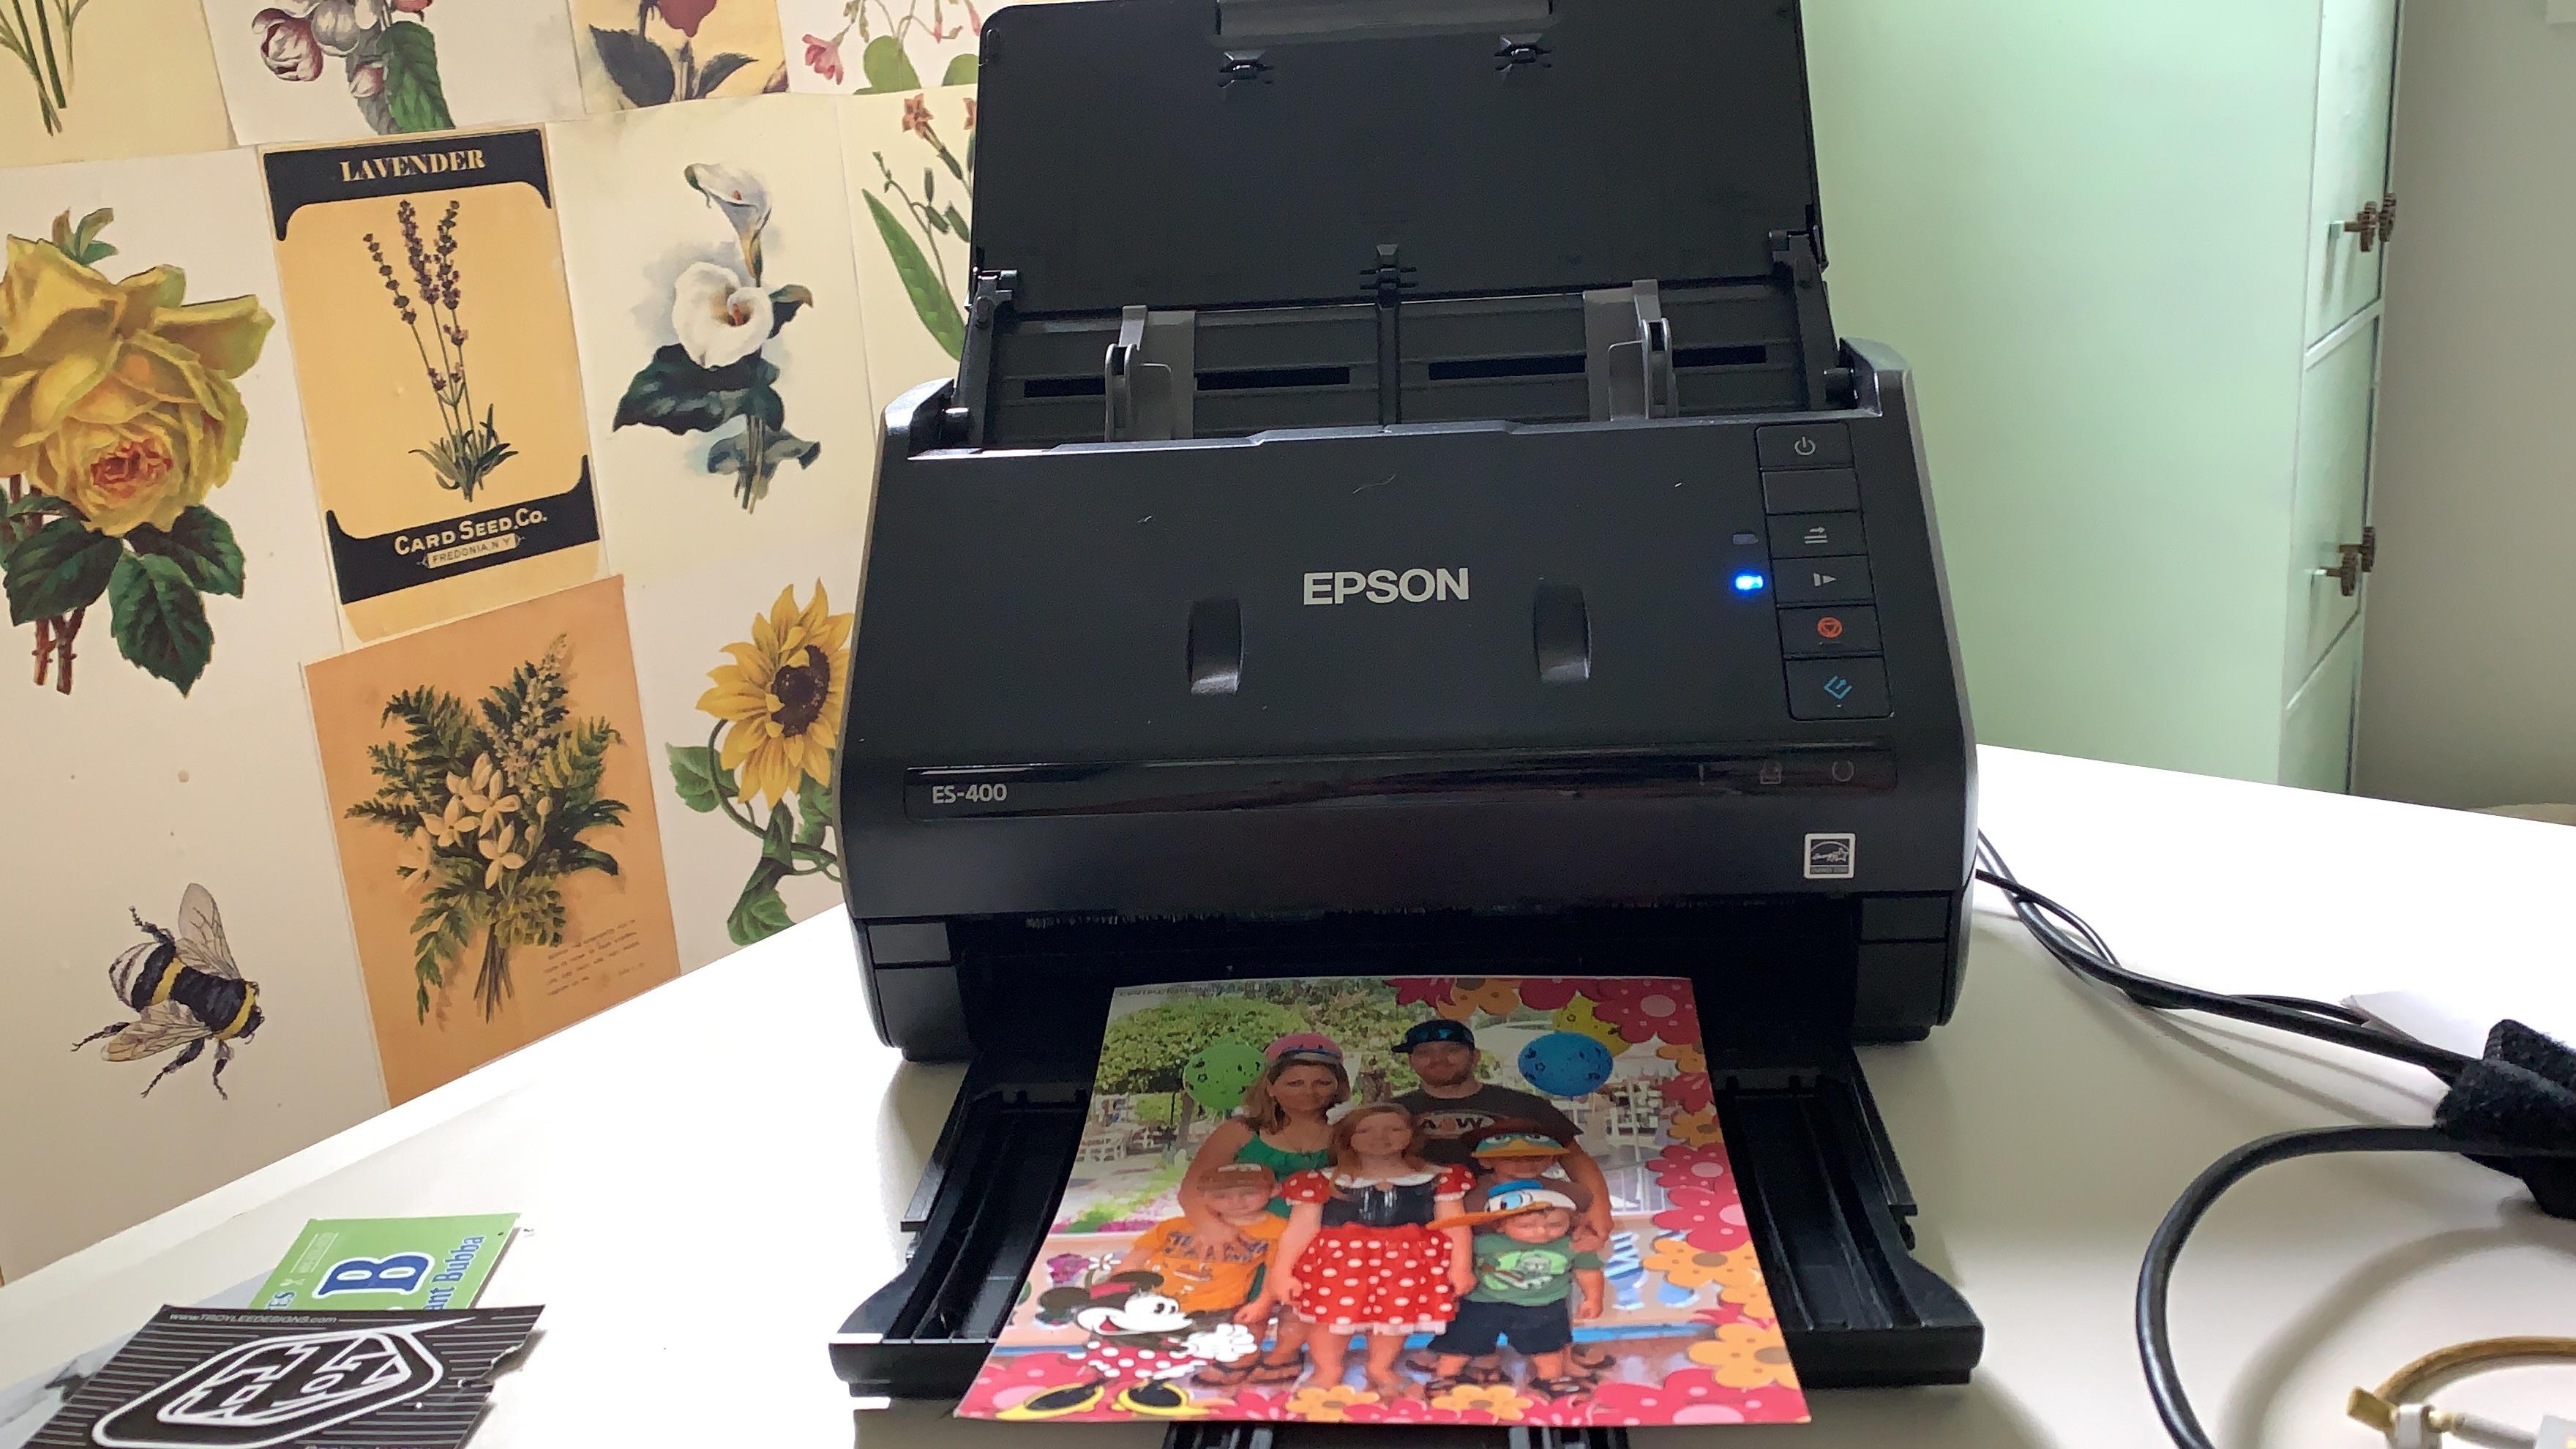 Epson ES-400 review